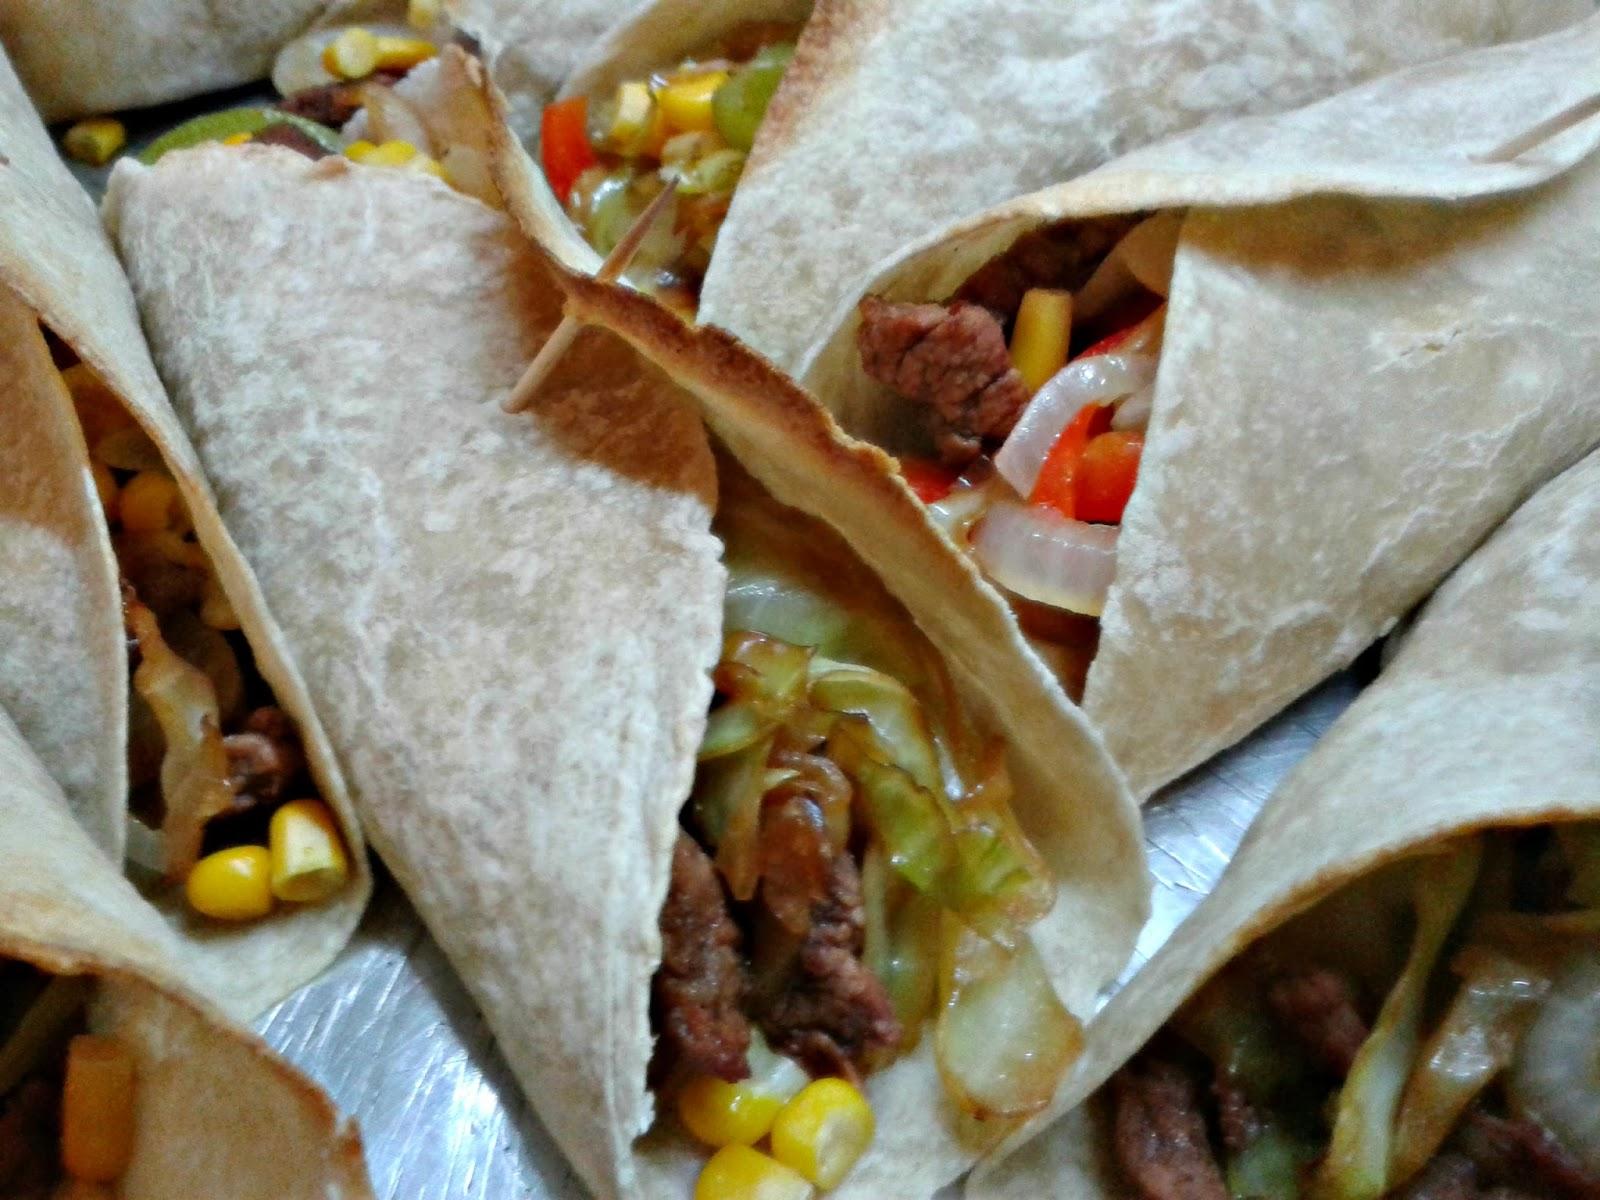 Burritos de carne quesos y vegetales caserissimo for Comida tradicional definicion